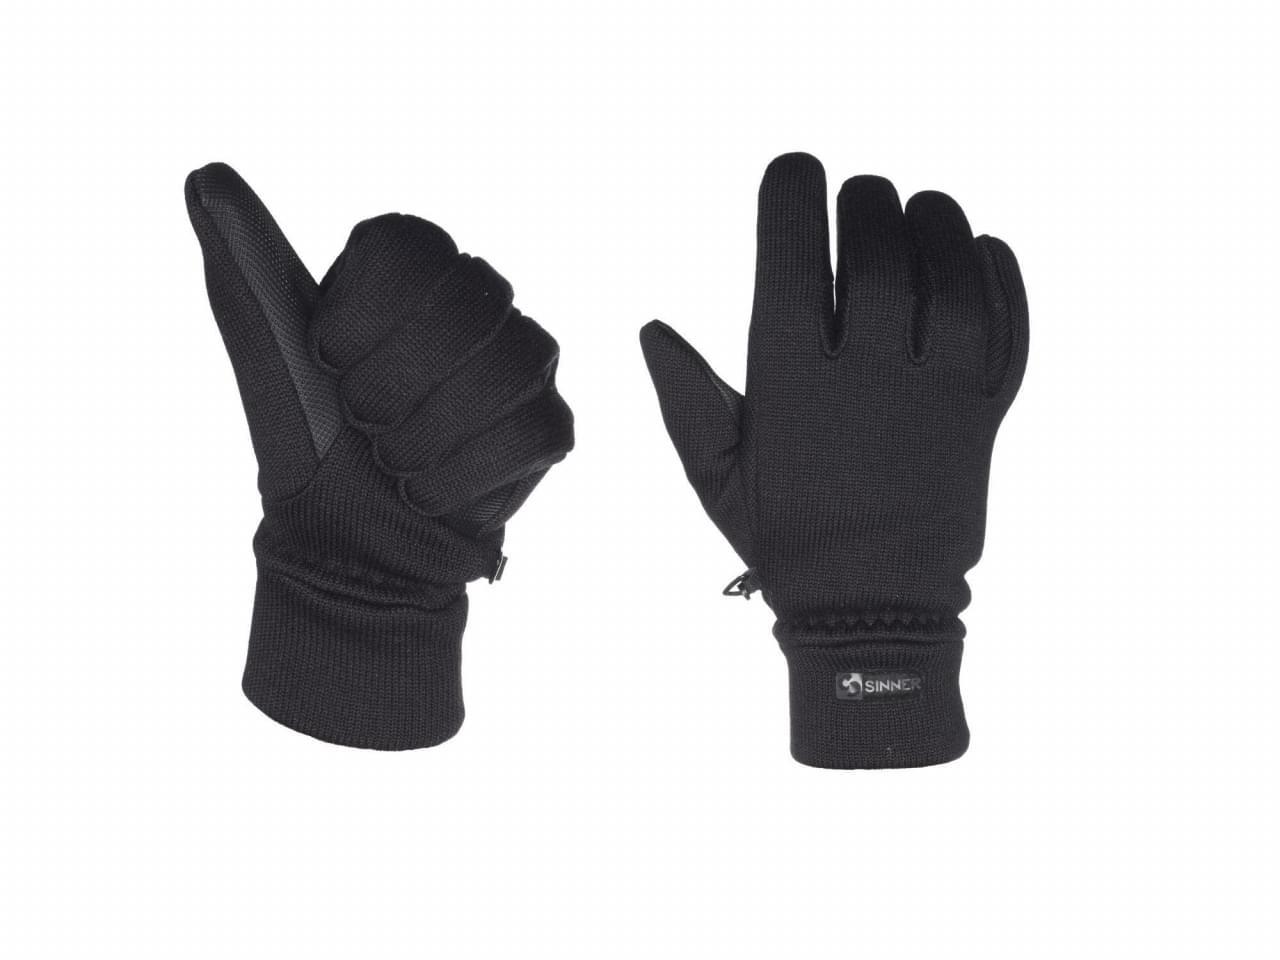 Sinner Banff Knitted Glove handschoenen